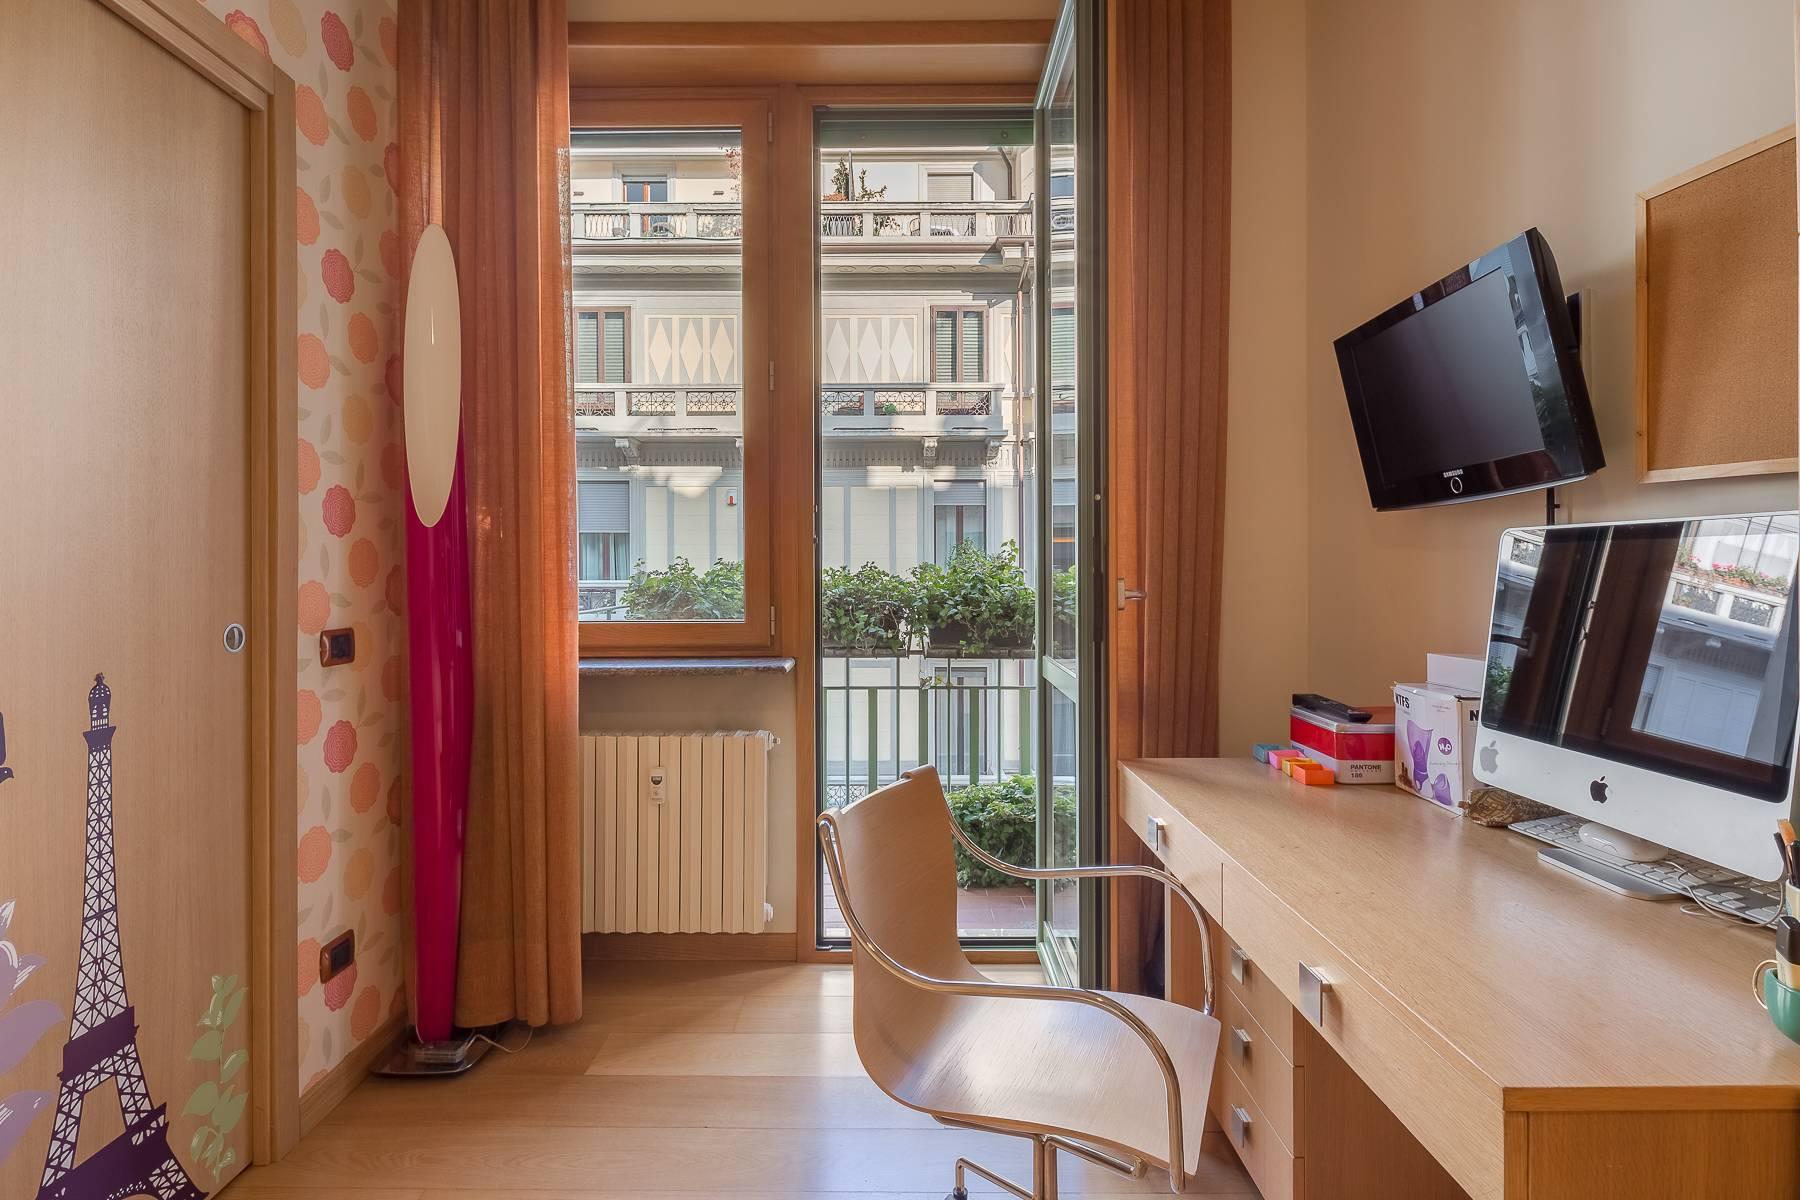 Appartement de style classique situé Via Besana - 23